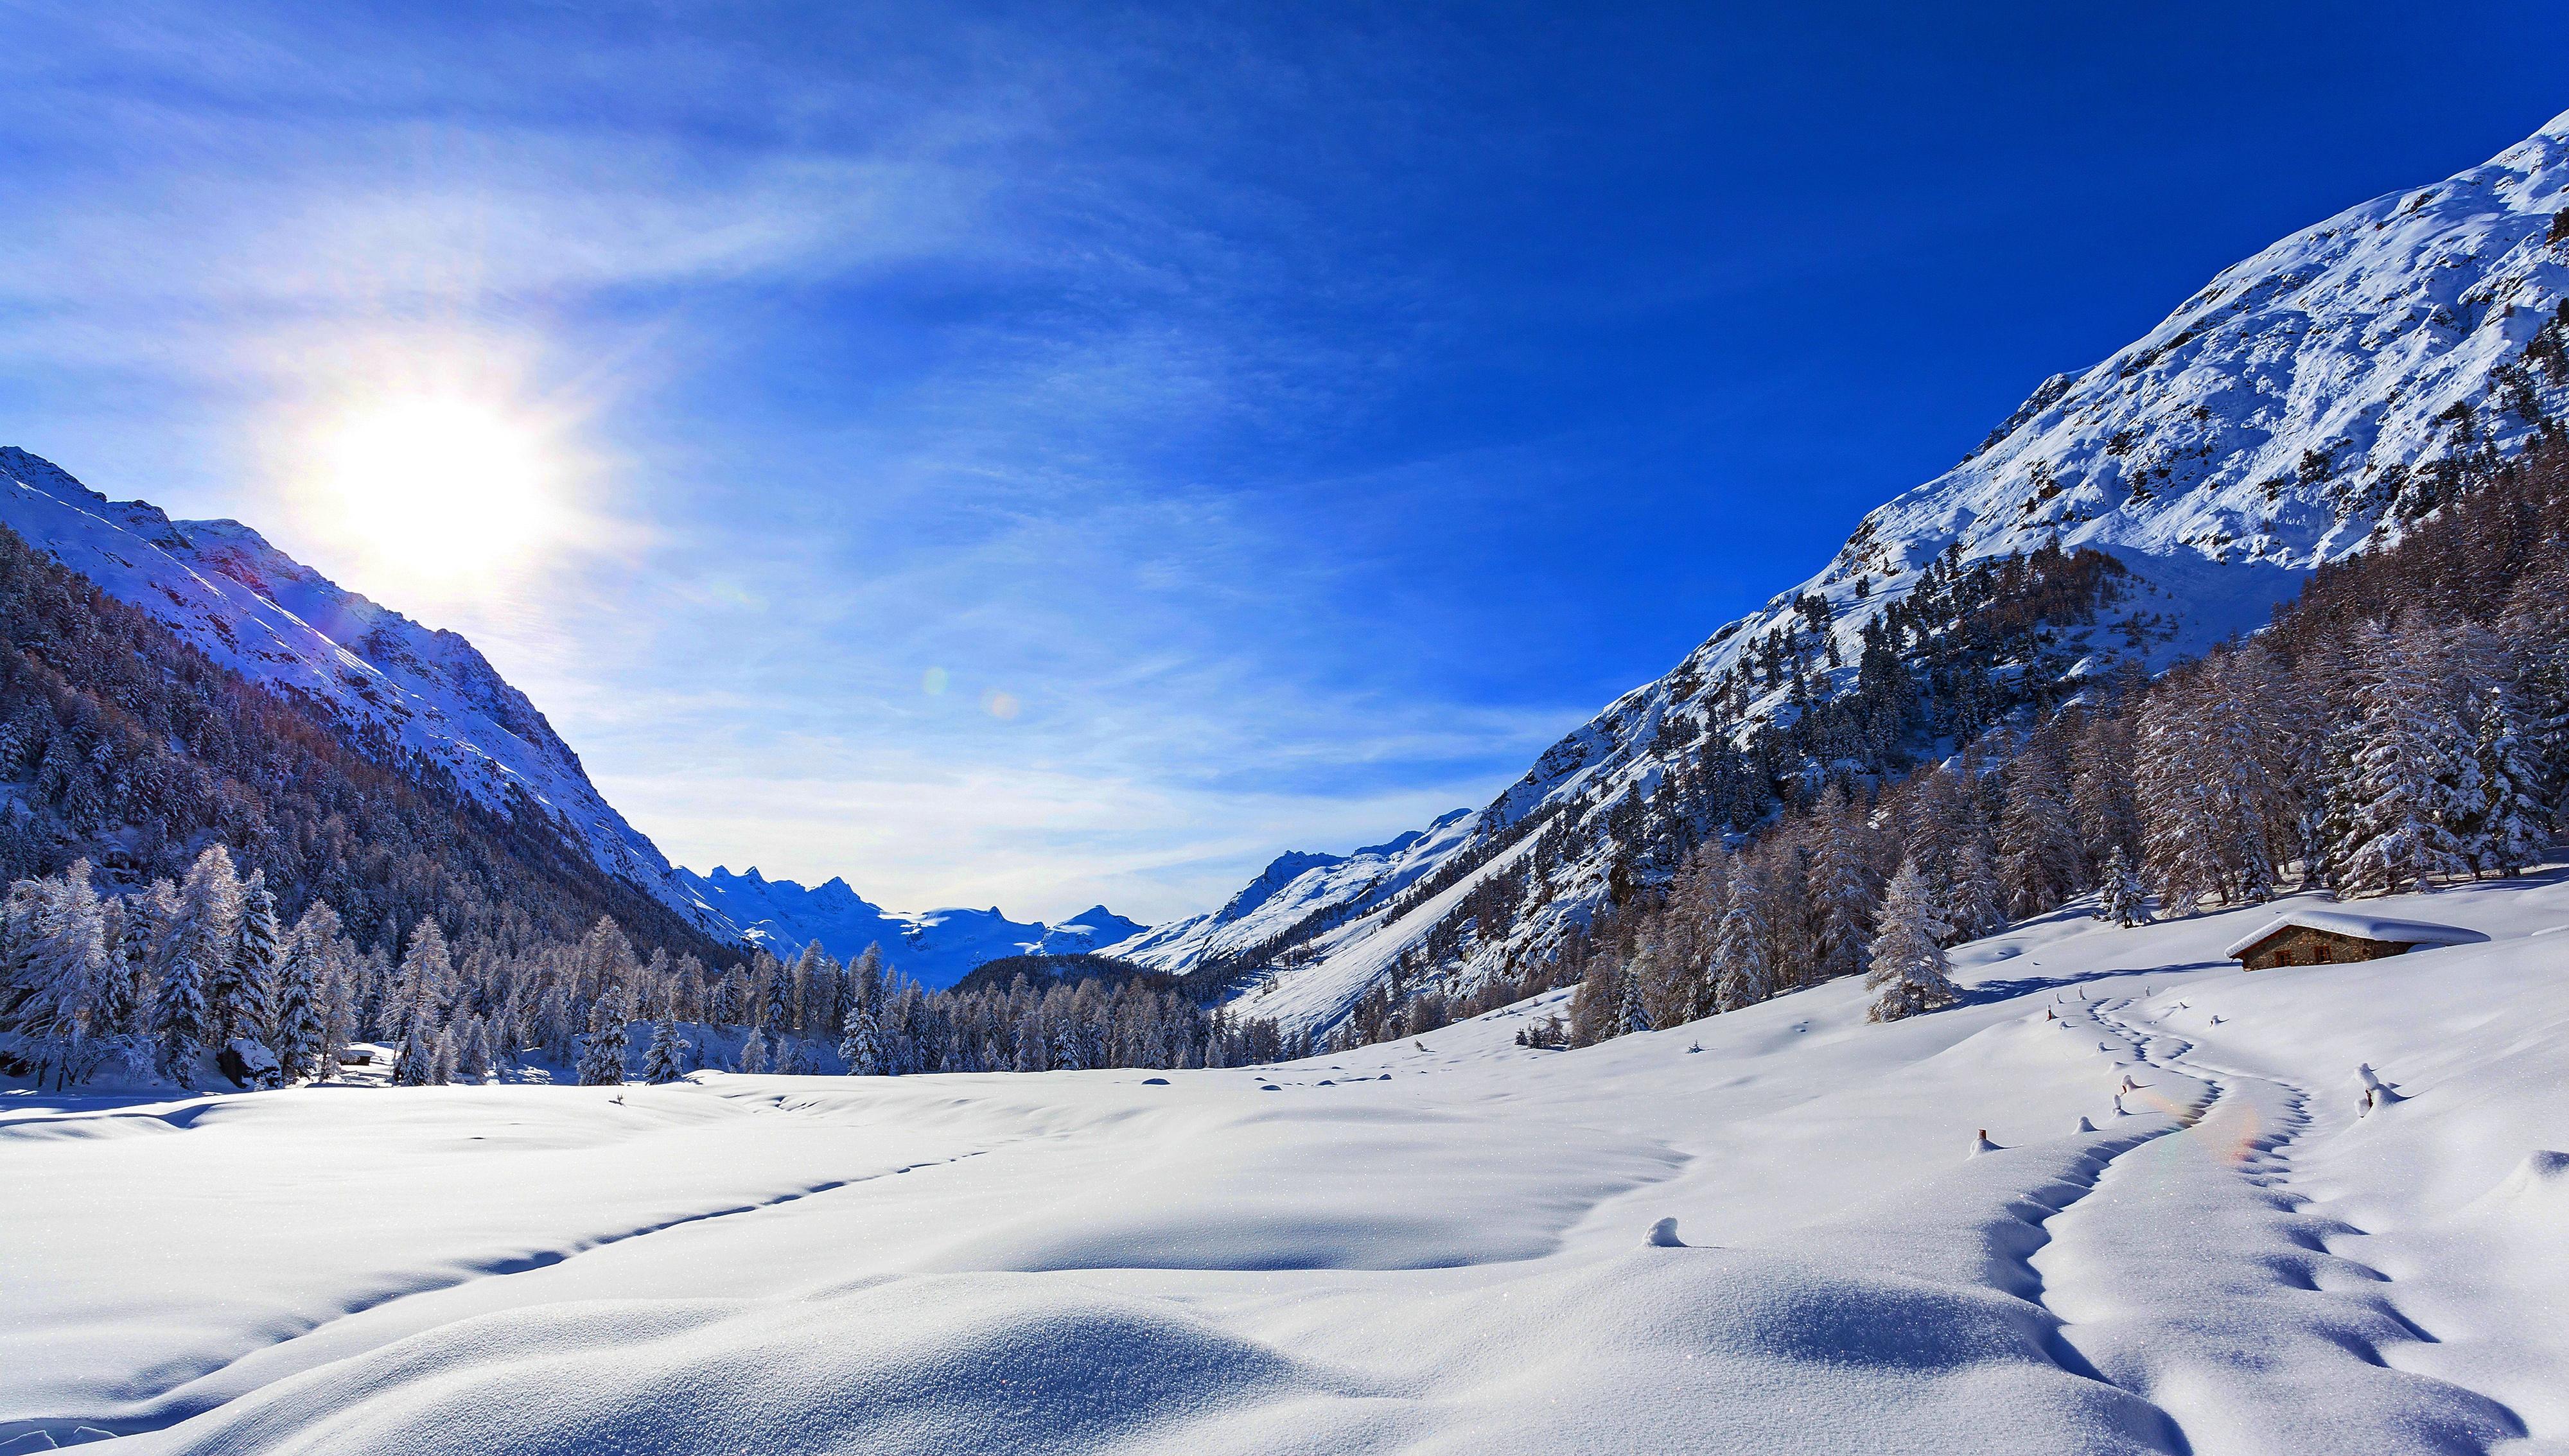 предметы картинка снежные горы россии льюис своей